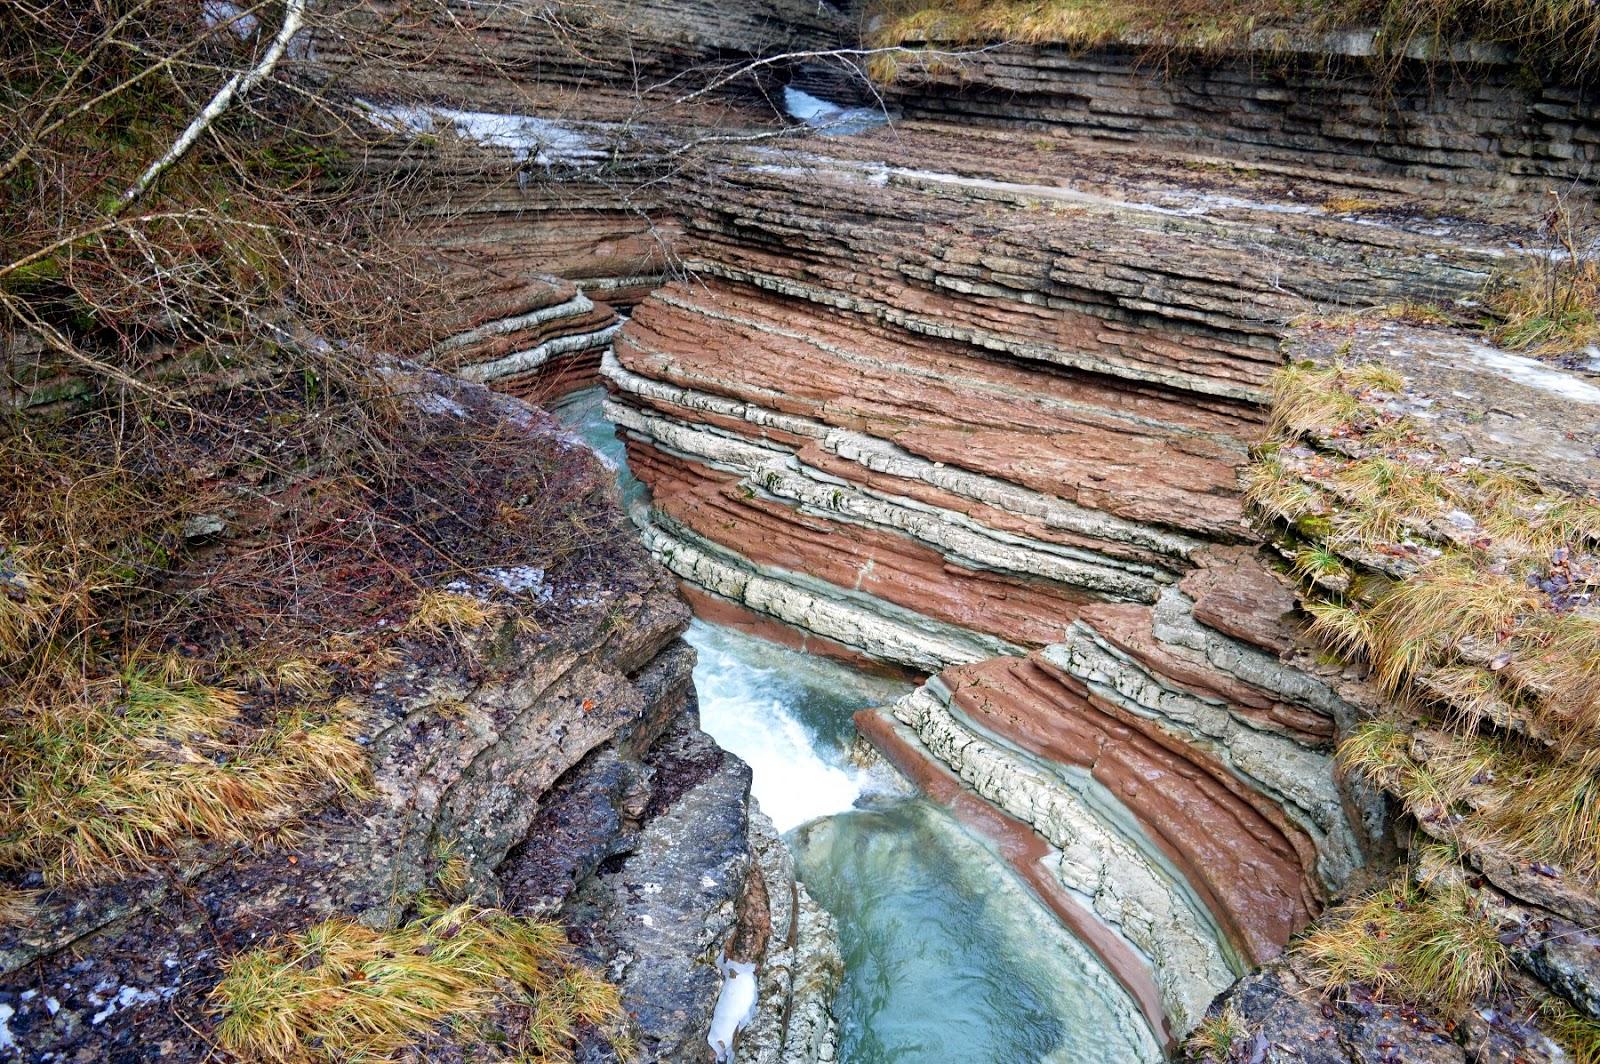 brent de l'Art canyon valbelluna trichiana